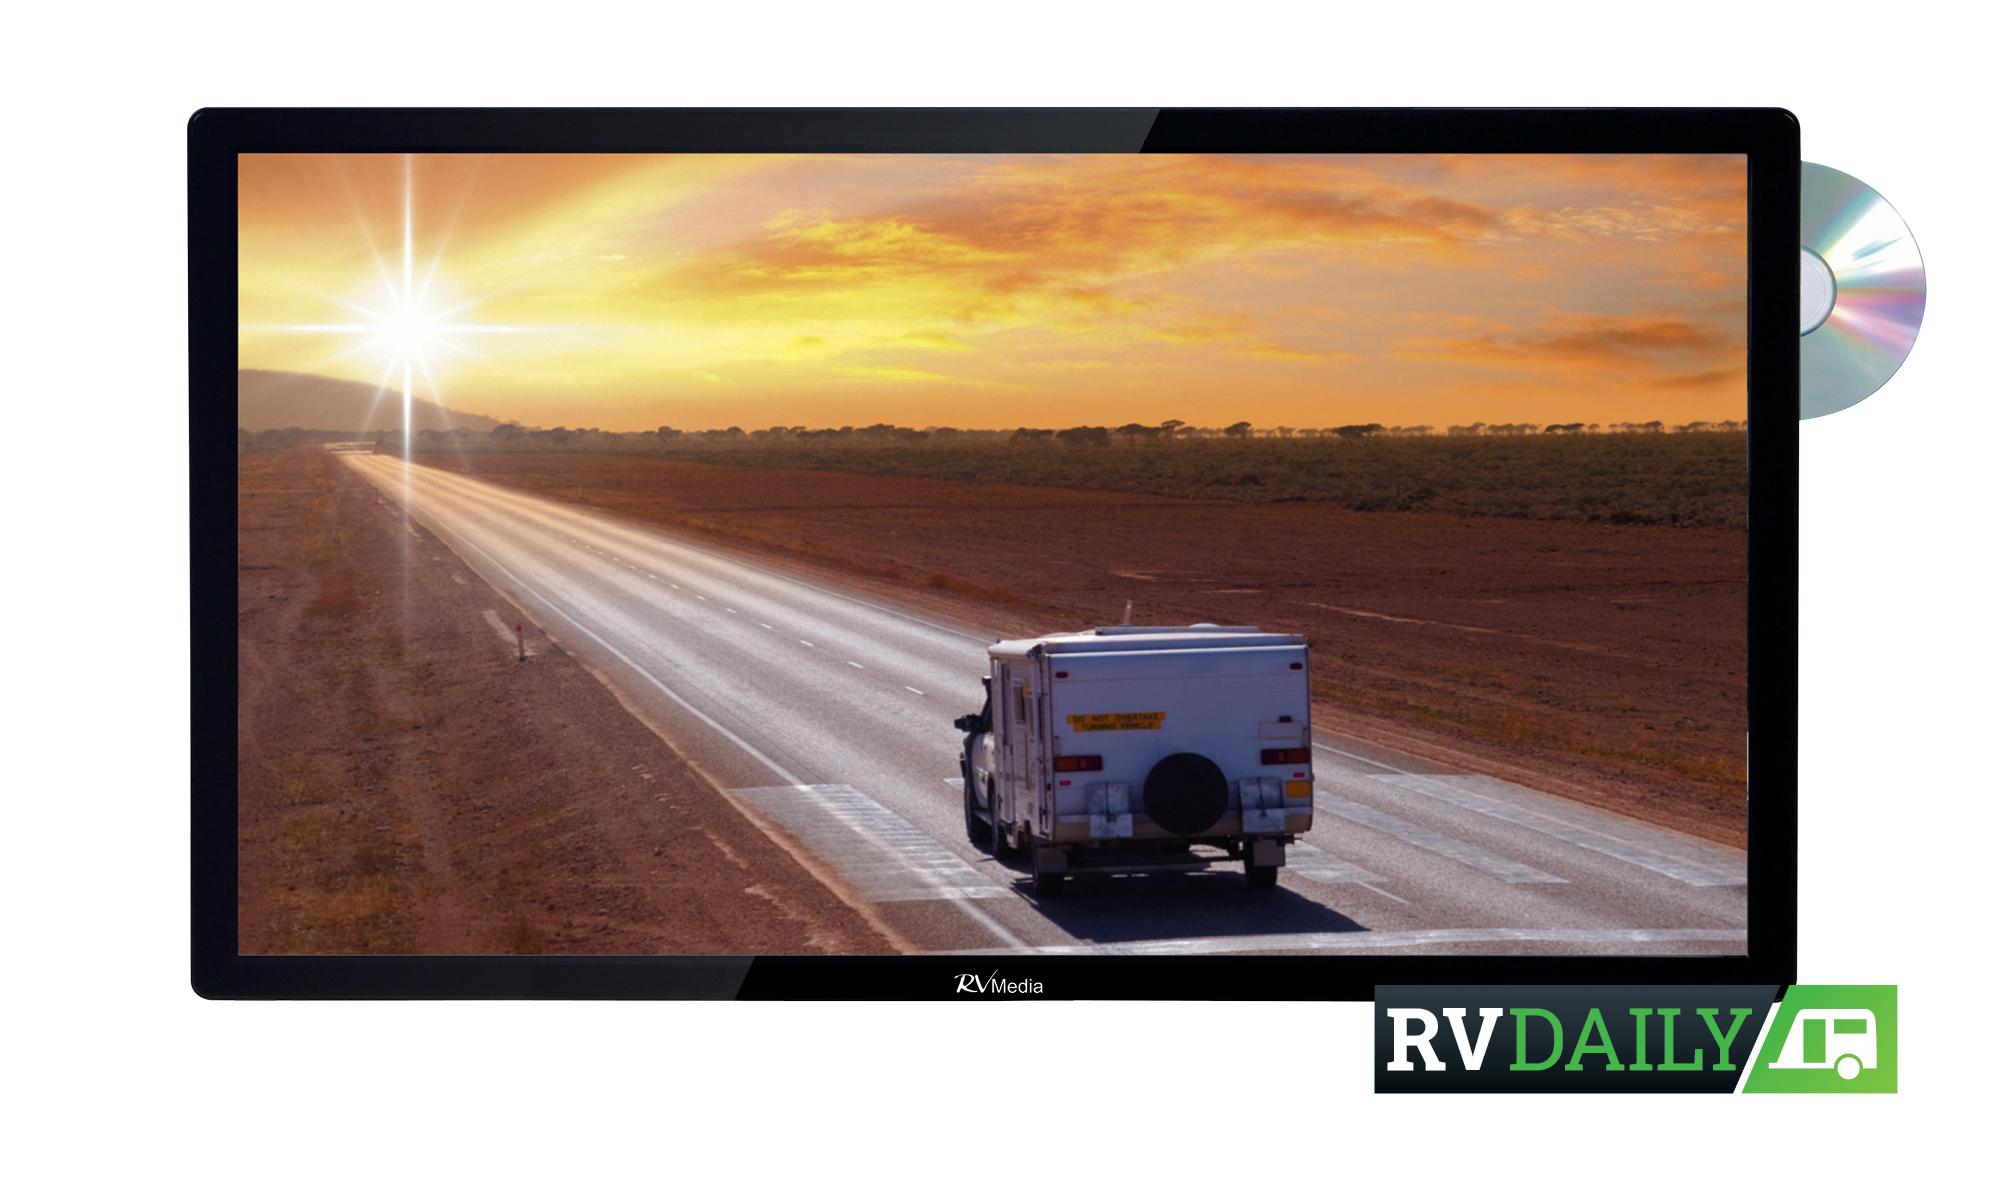 Camec RV Media Evolution 22-inch TV